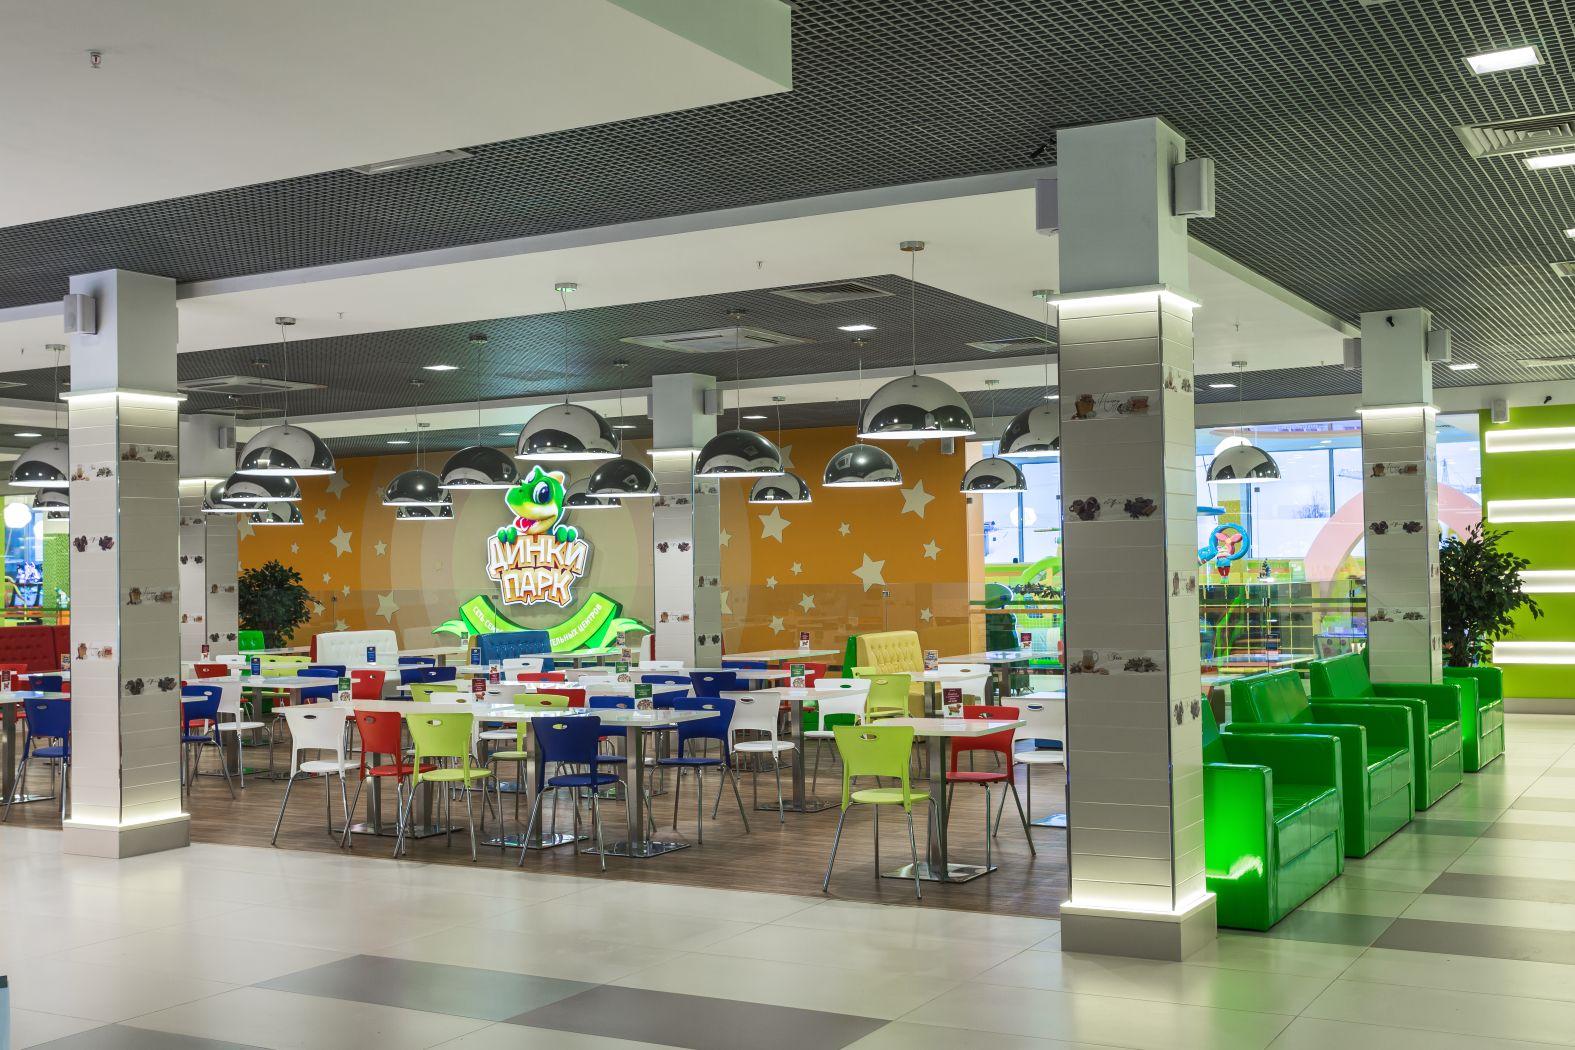 Дизайн интерьера фудкорта в общественном месте